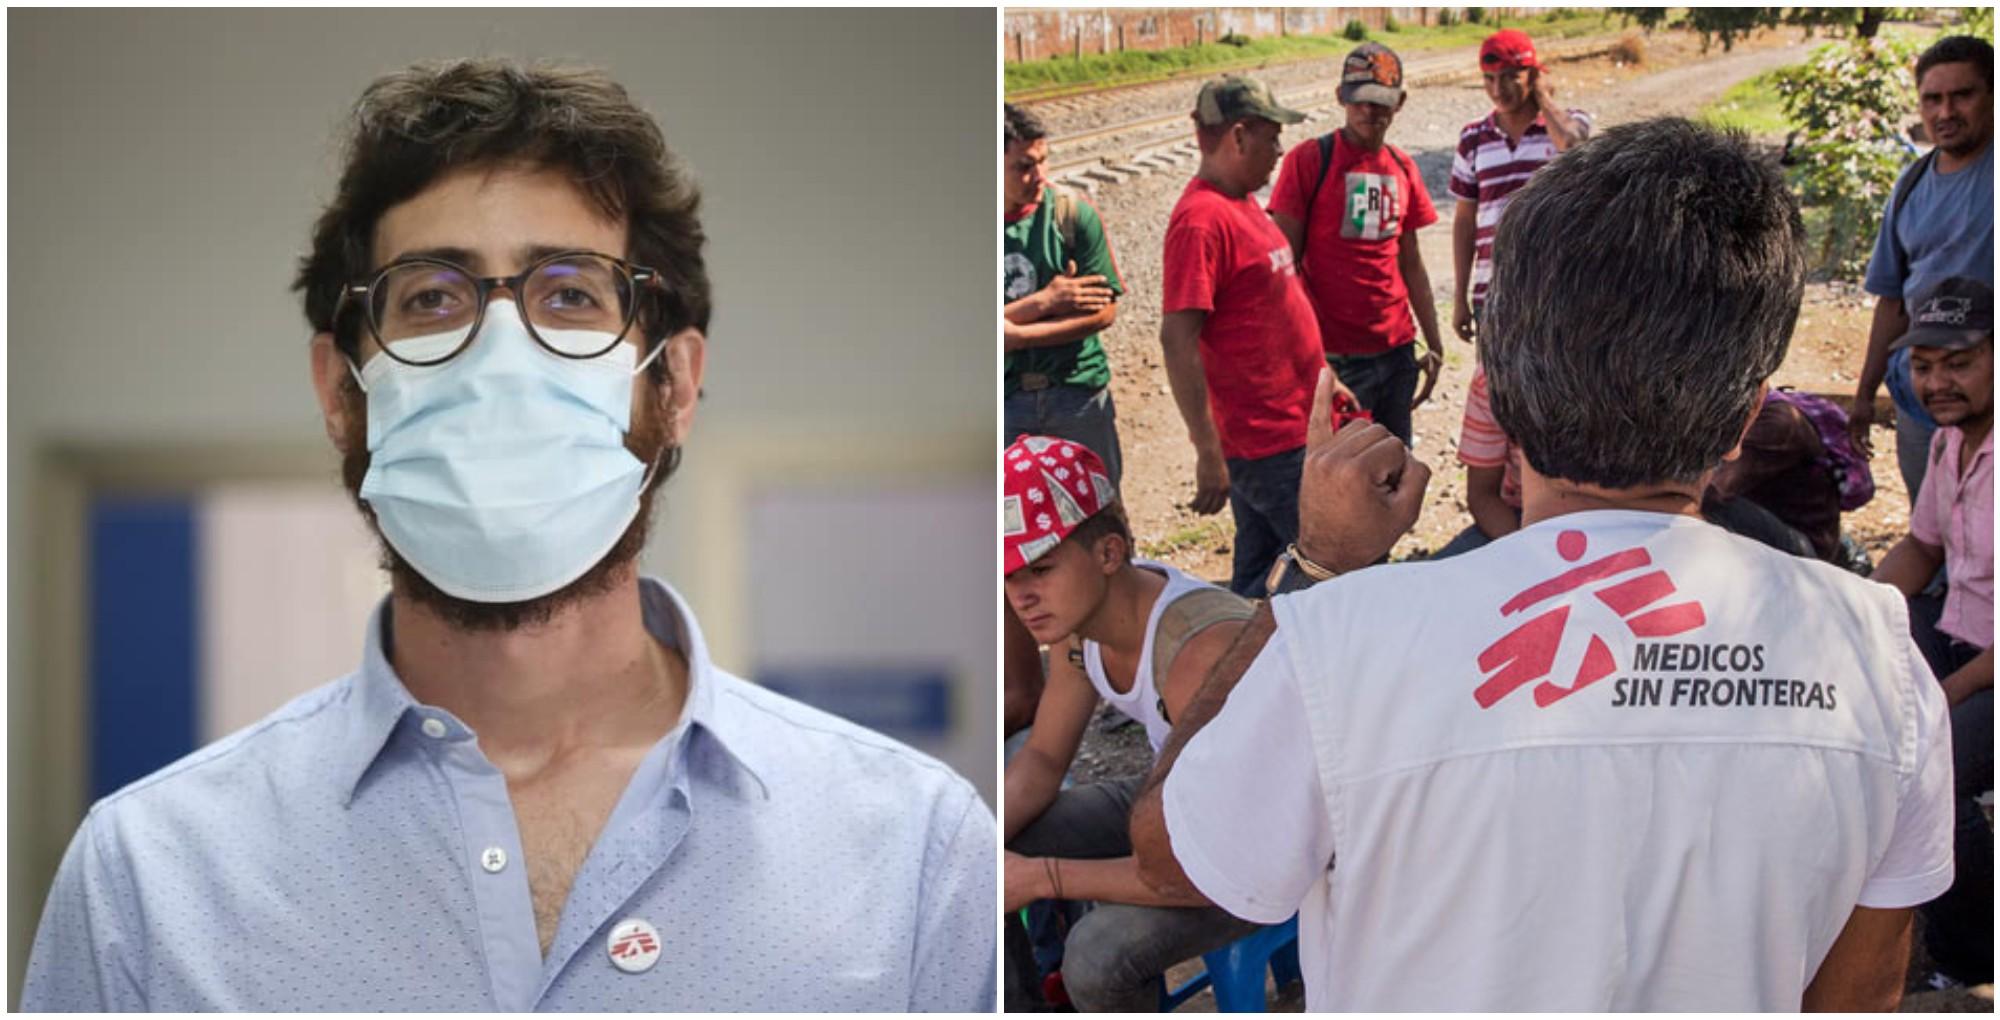 Médicos Sin Fronteras velarán por la salud mental en Cortés, Honduras